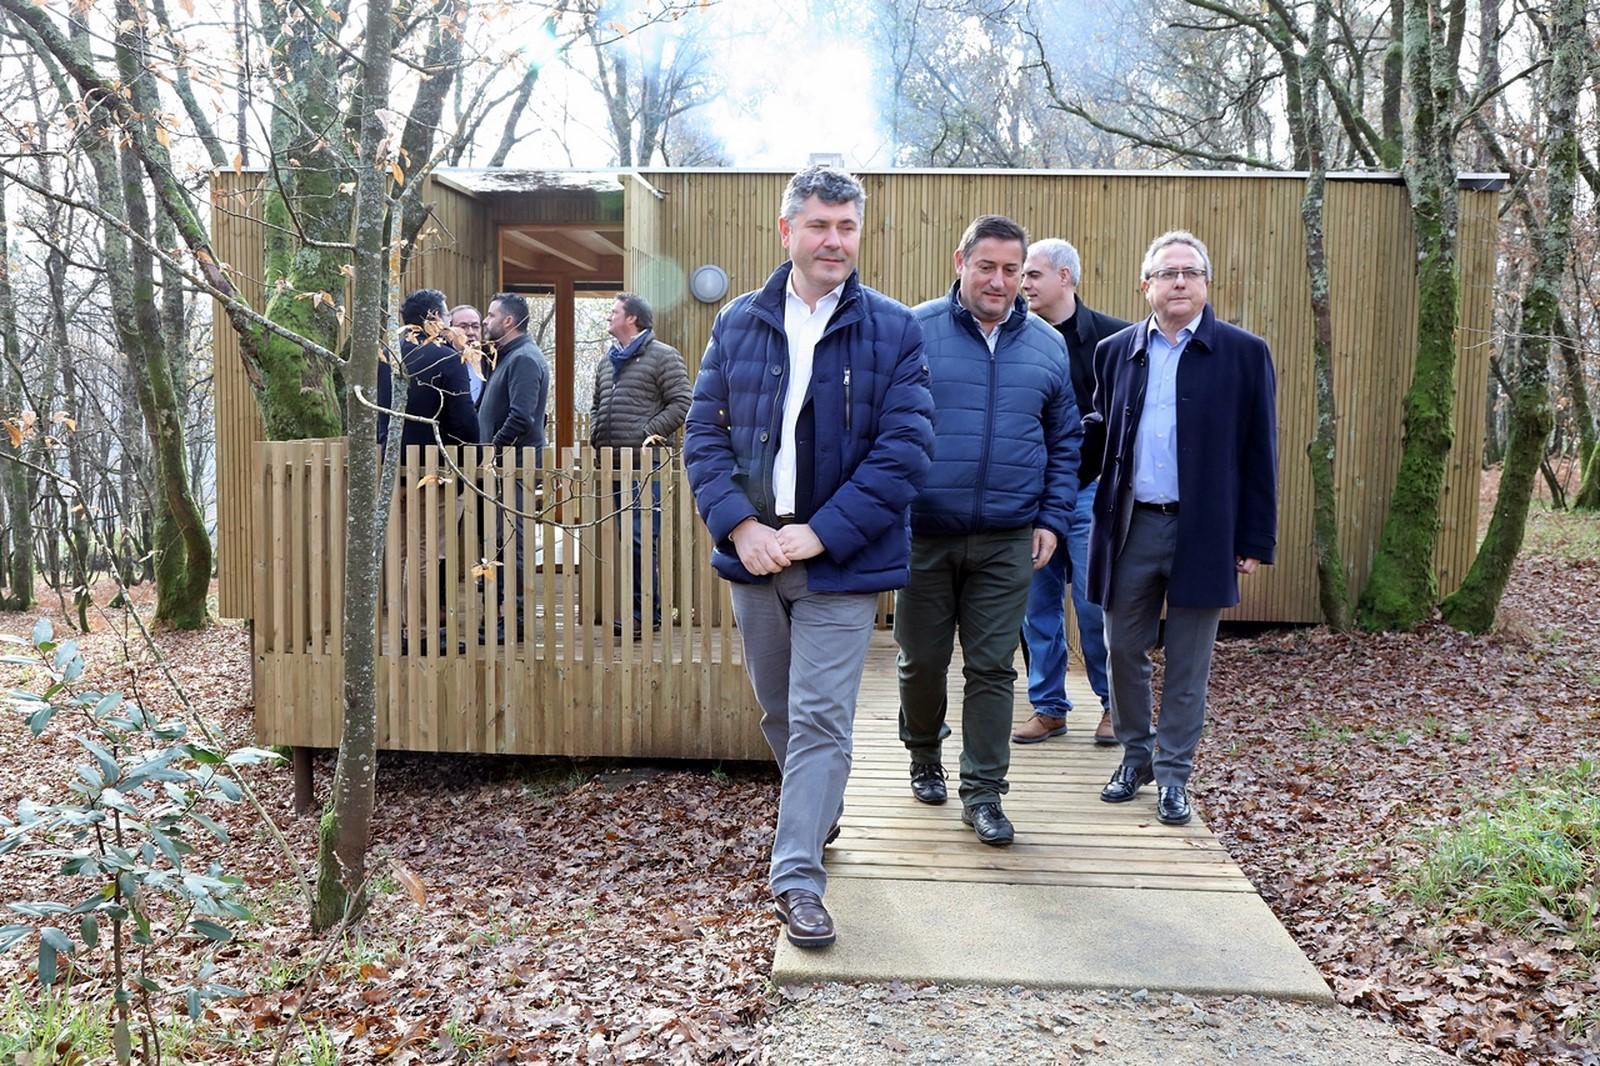 A Xunta destinou máis de 175.000 euros á construción dun complexo de turismo enolóxico en Boqueixón